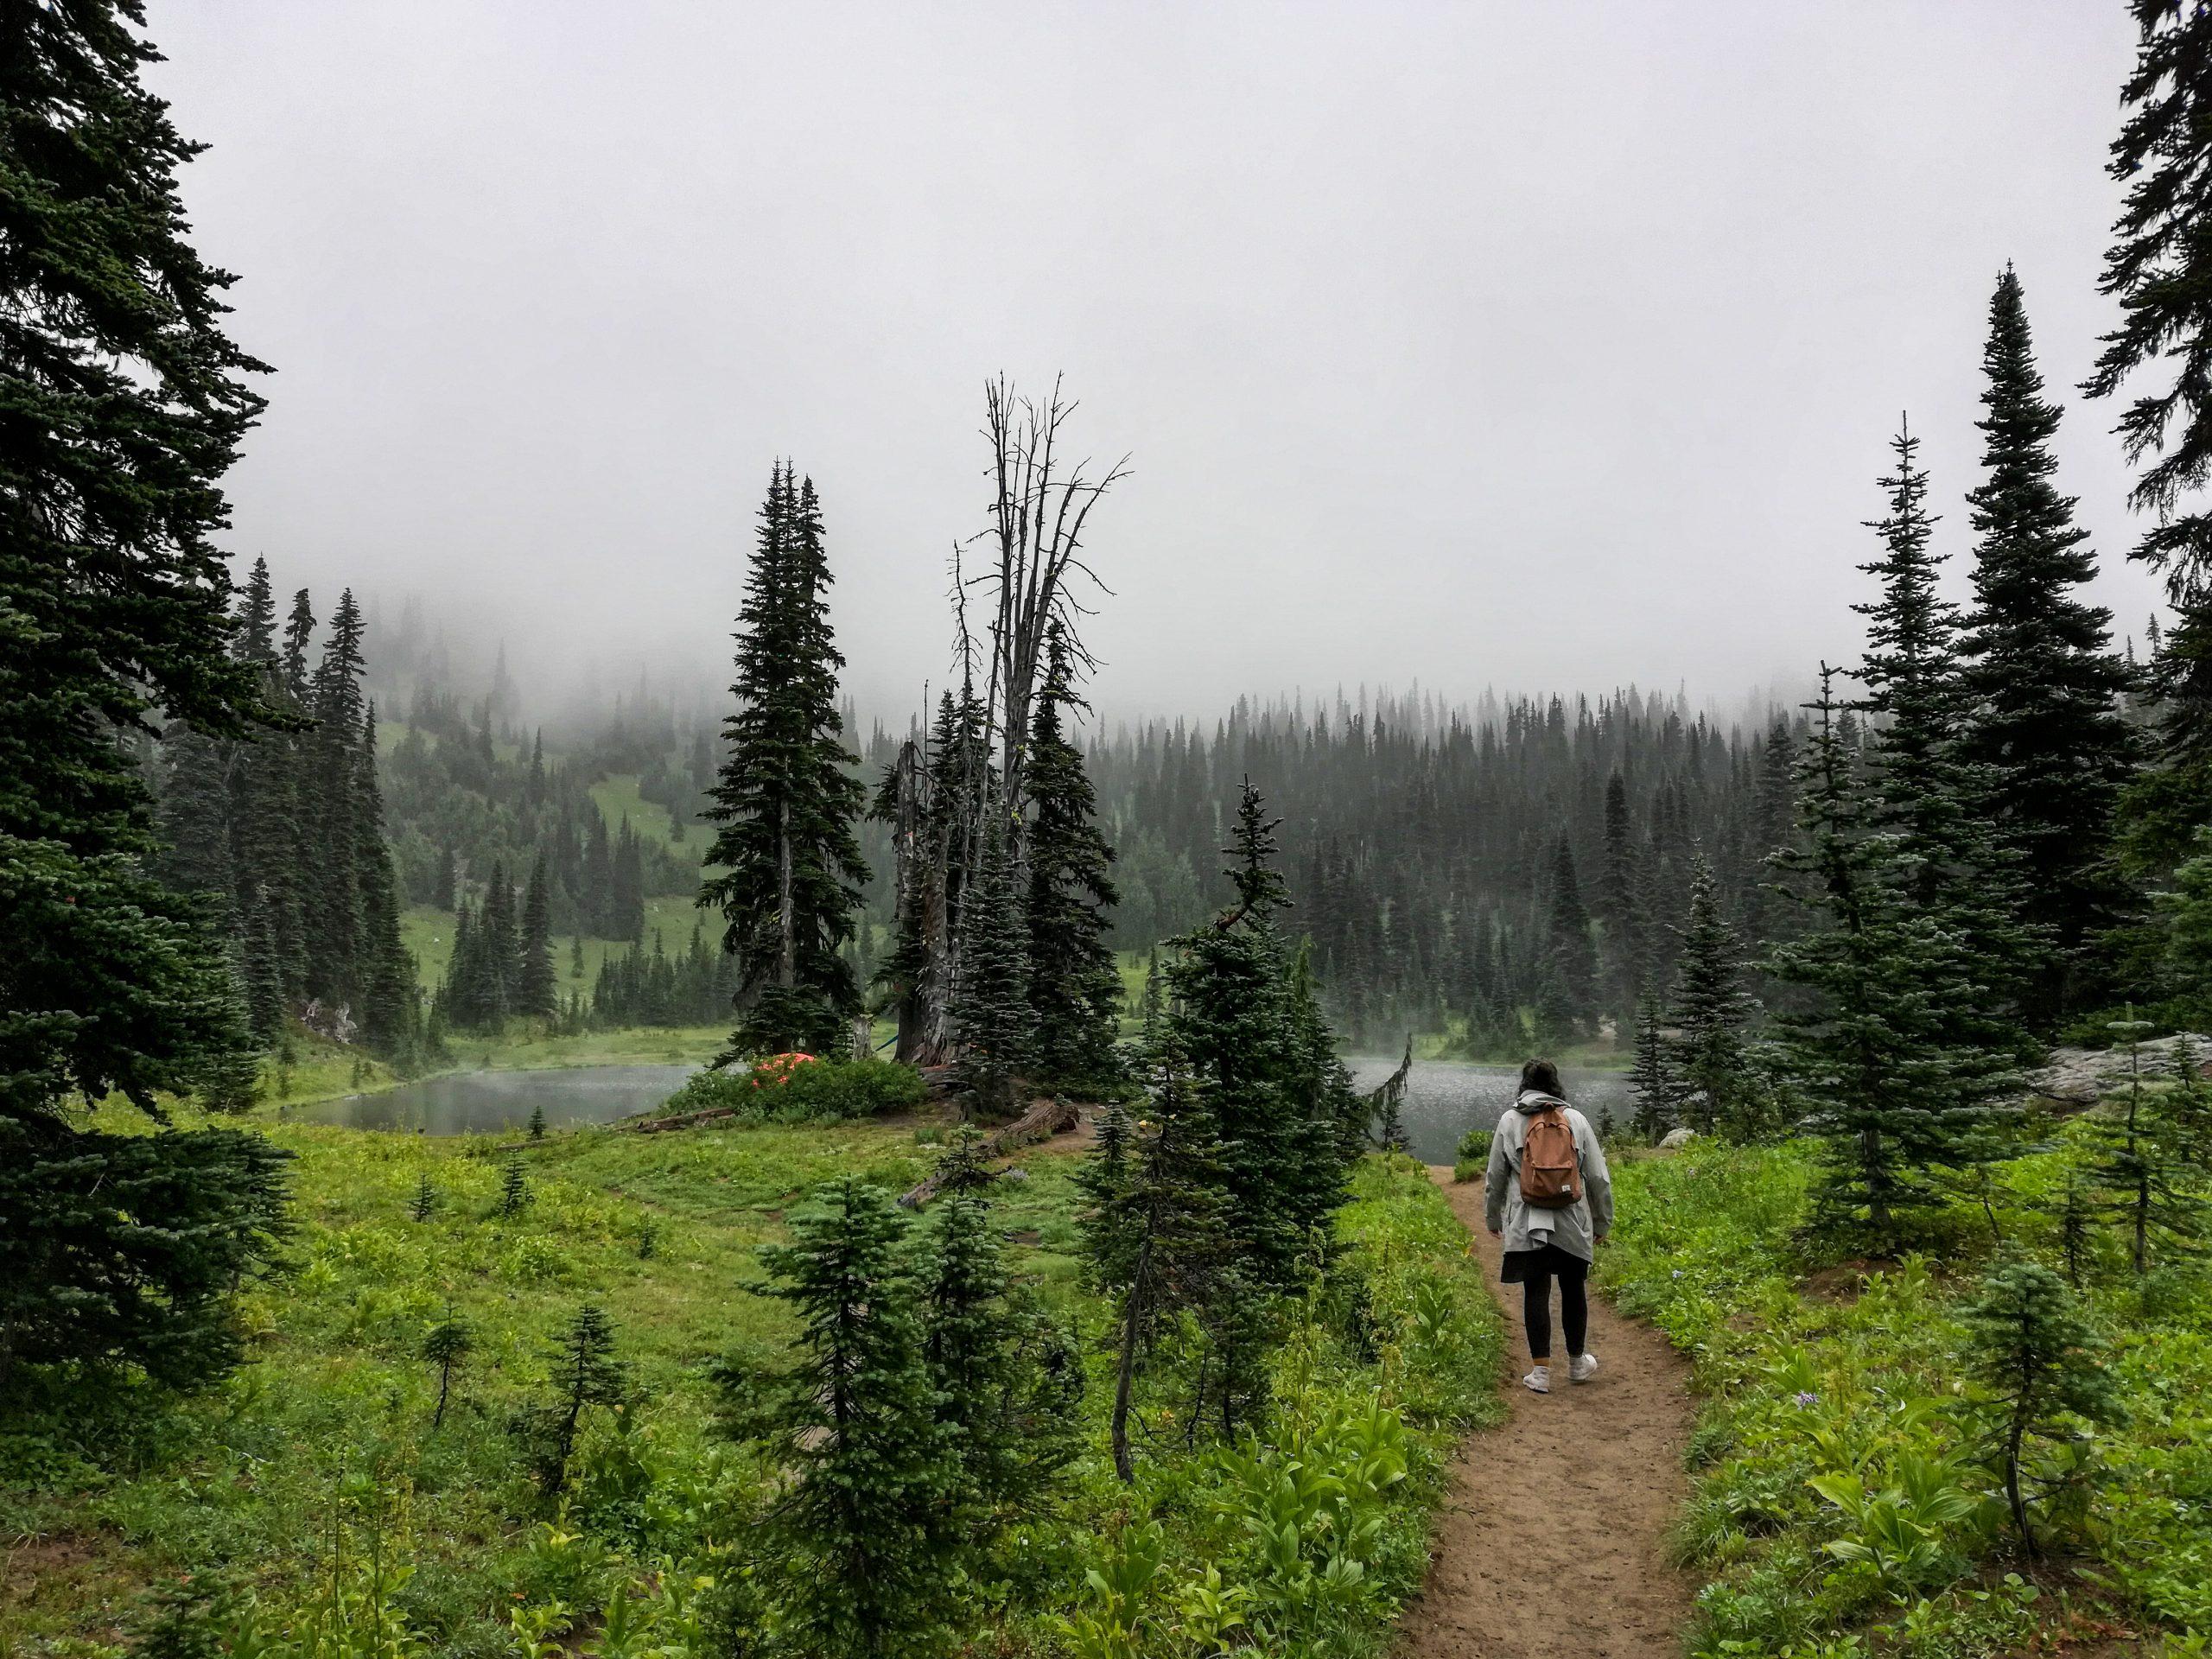 Mount Rainier Sheep Lake Hiking Trail